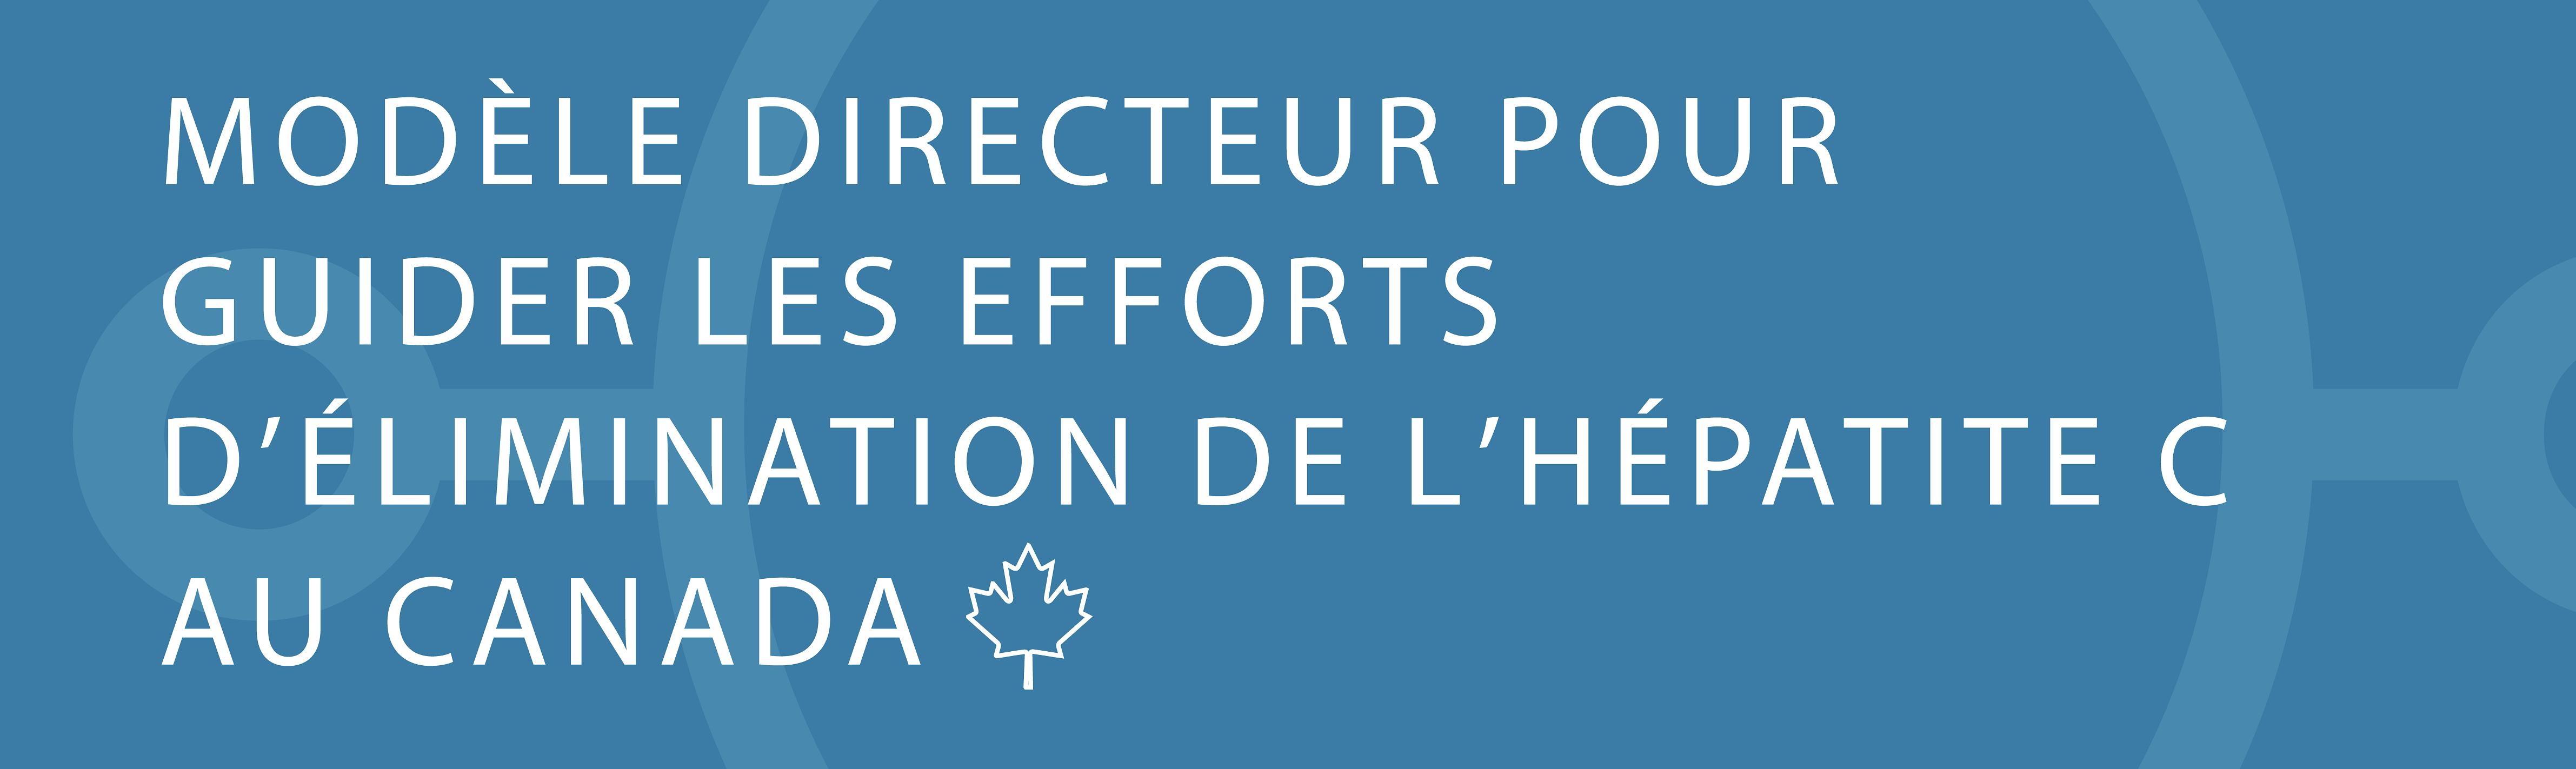 Vers l'élimination de l'hépatite C au Canada?